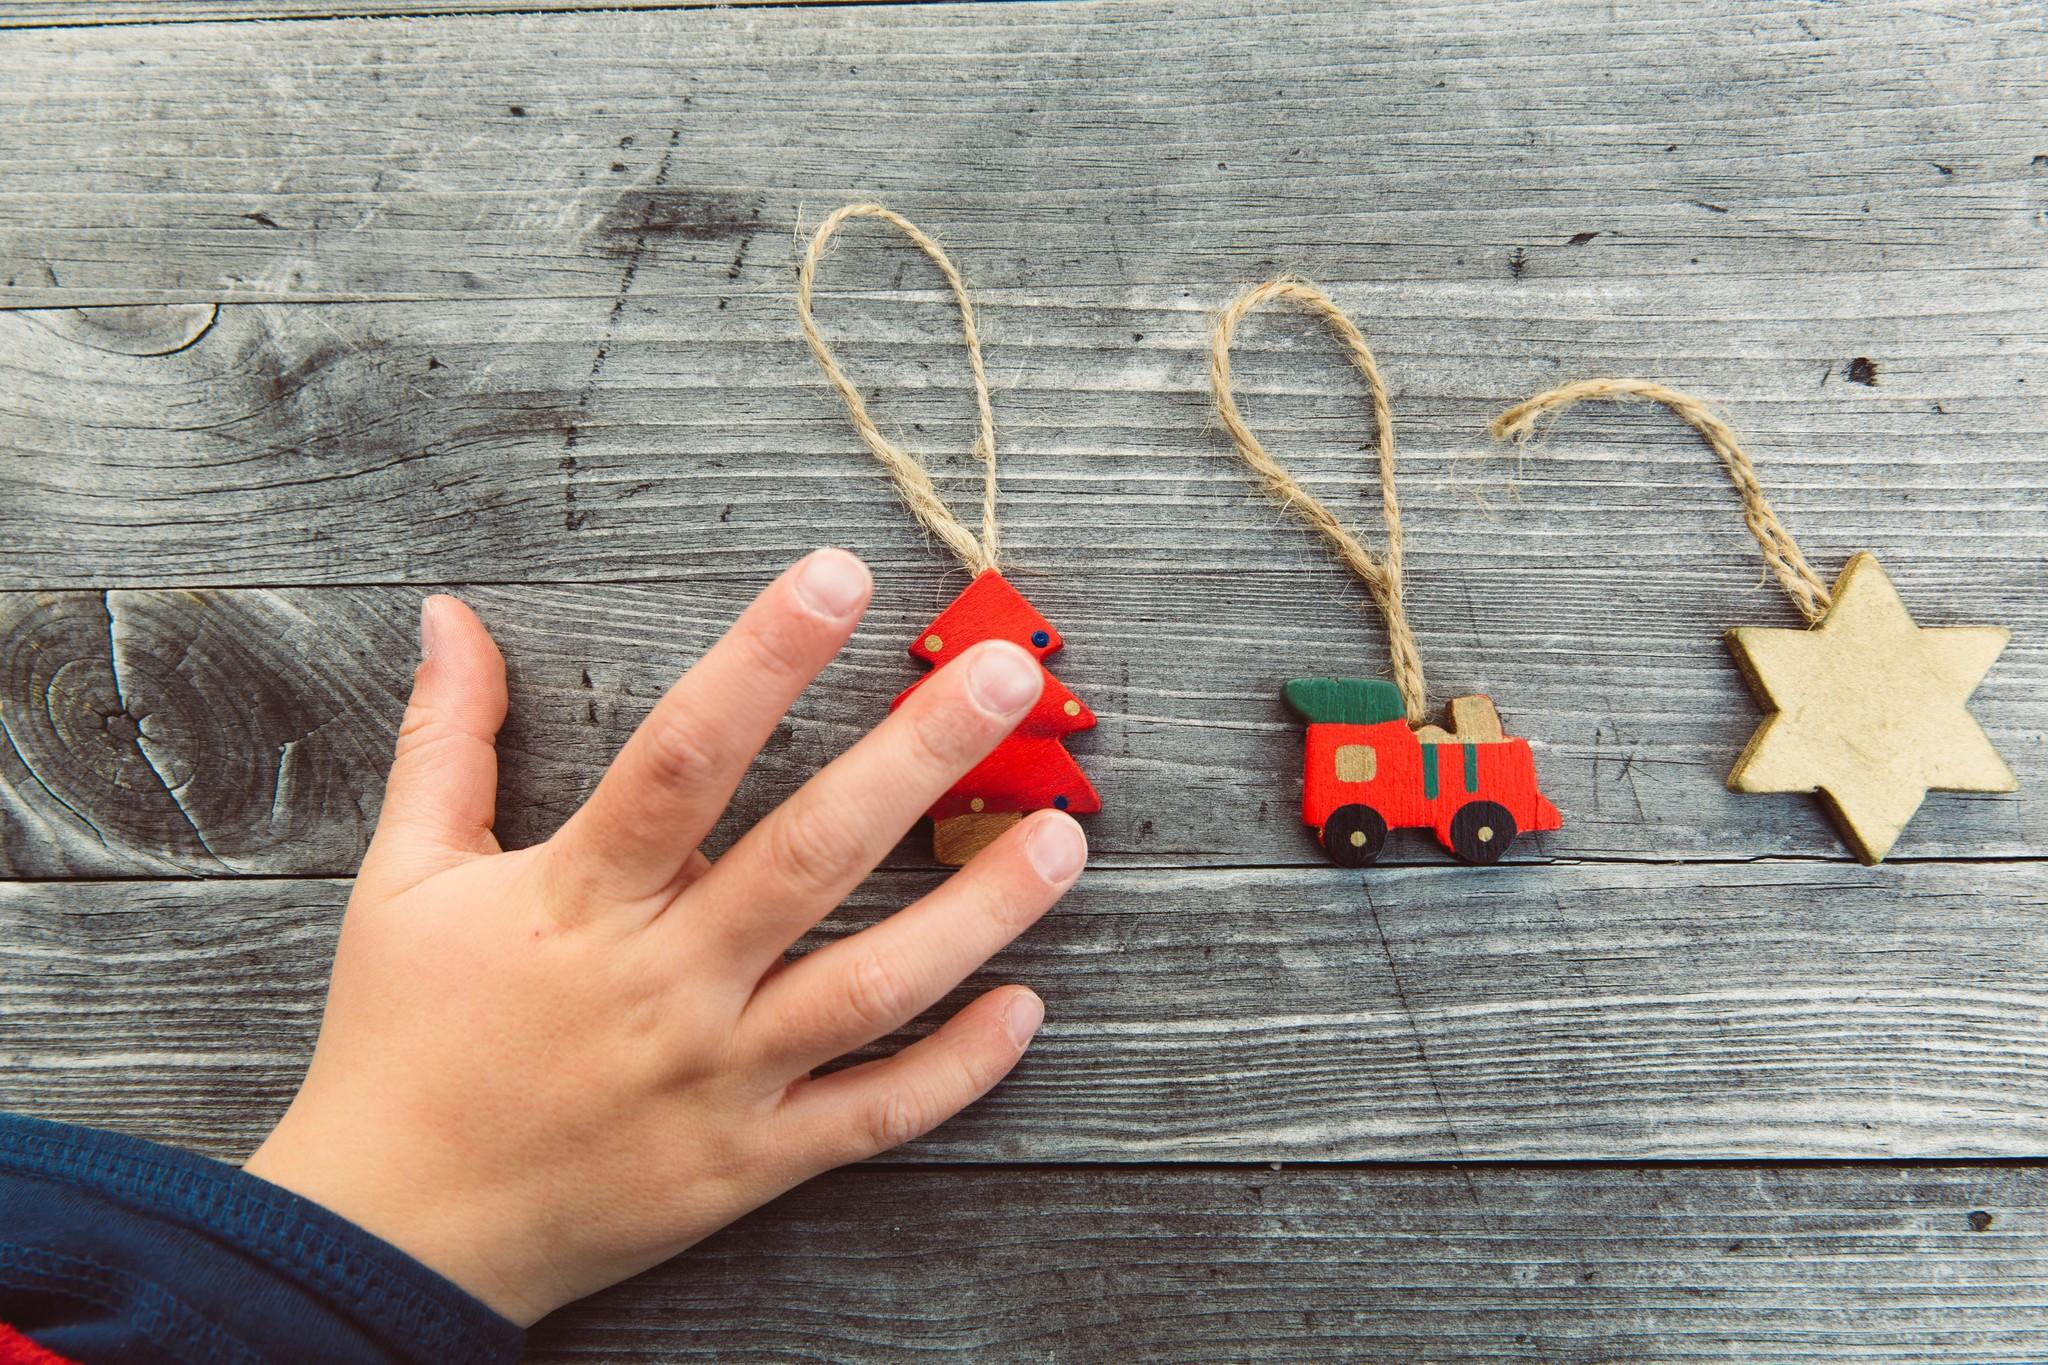 Comfy Christmas: Deze Kerstactie wil je niet missen